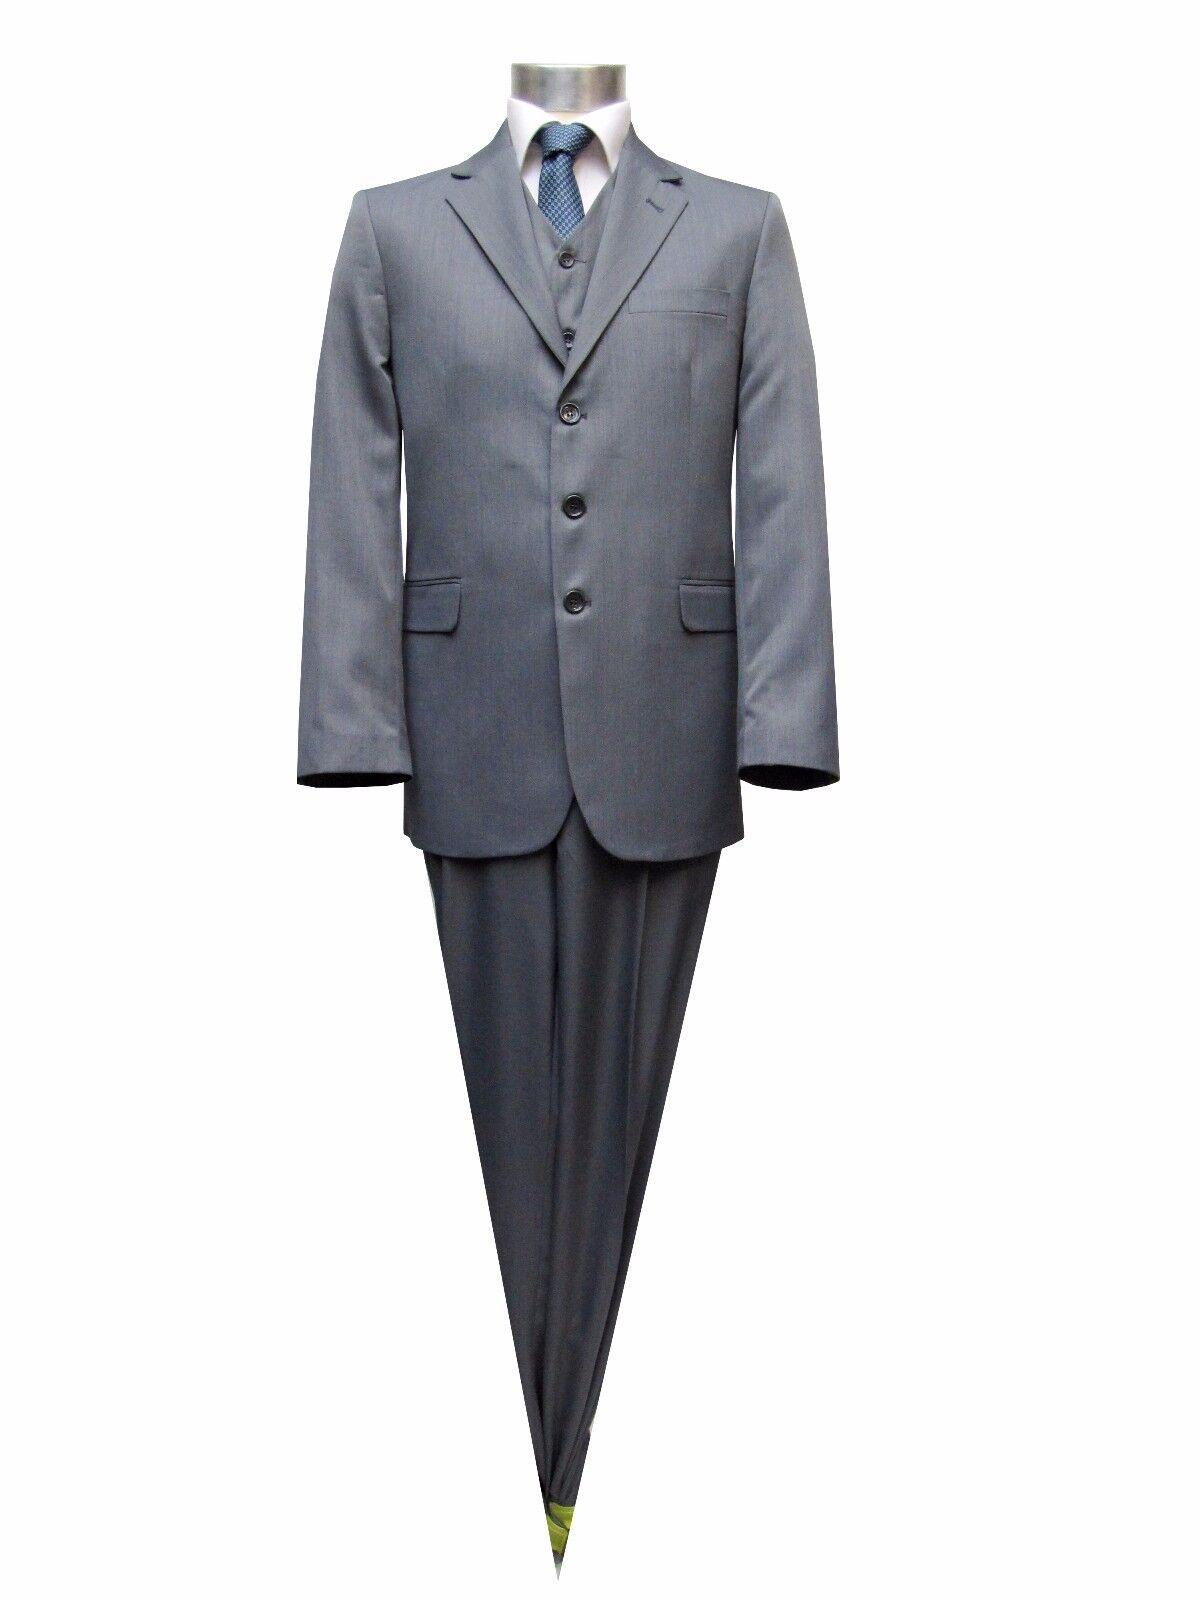 Herren Anzug mit Weste Sonderangebot Gr.36 Grau